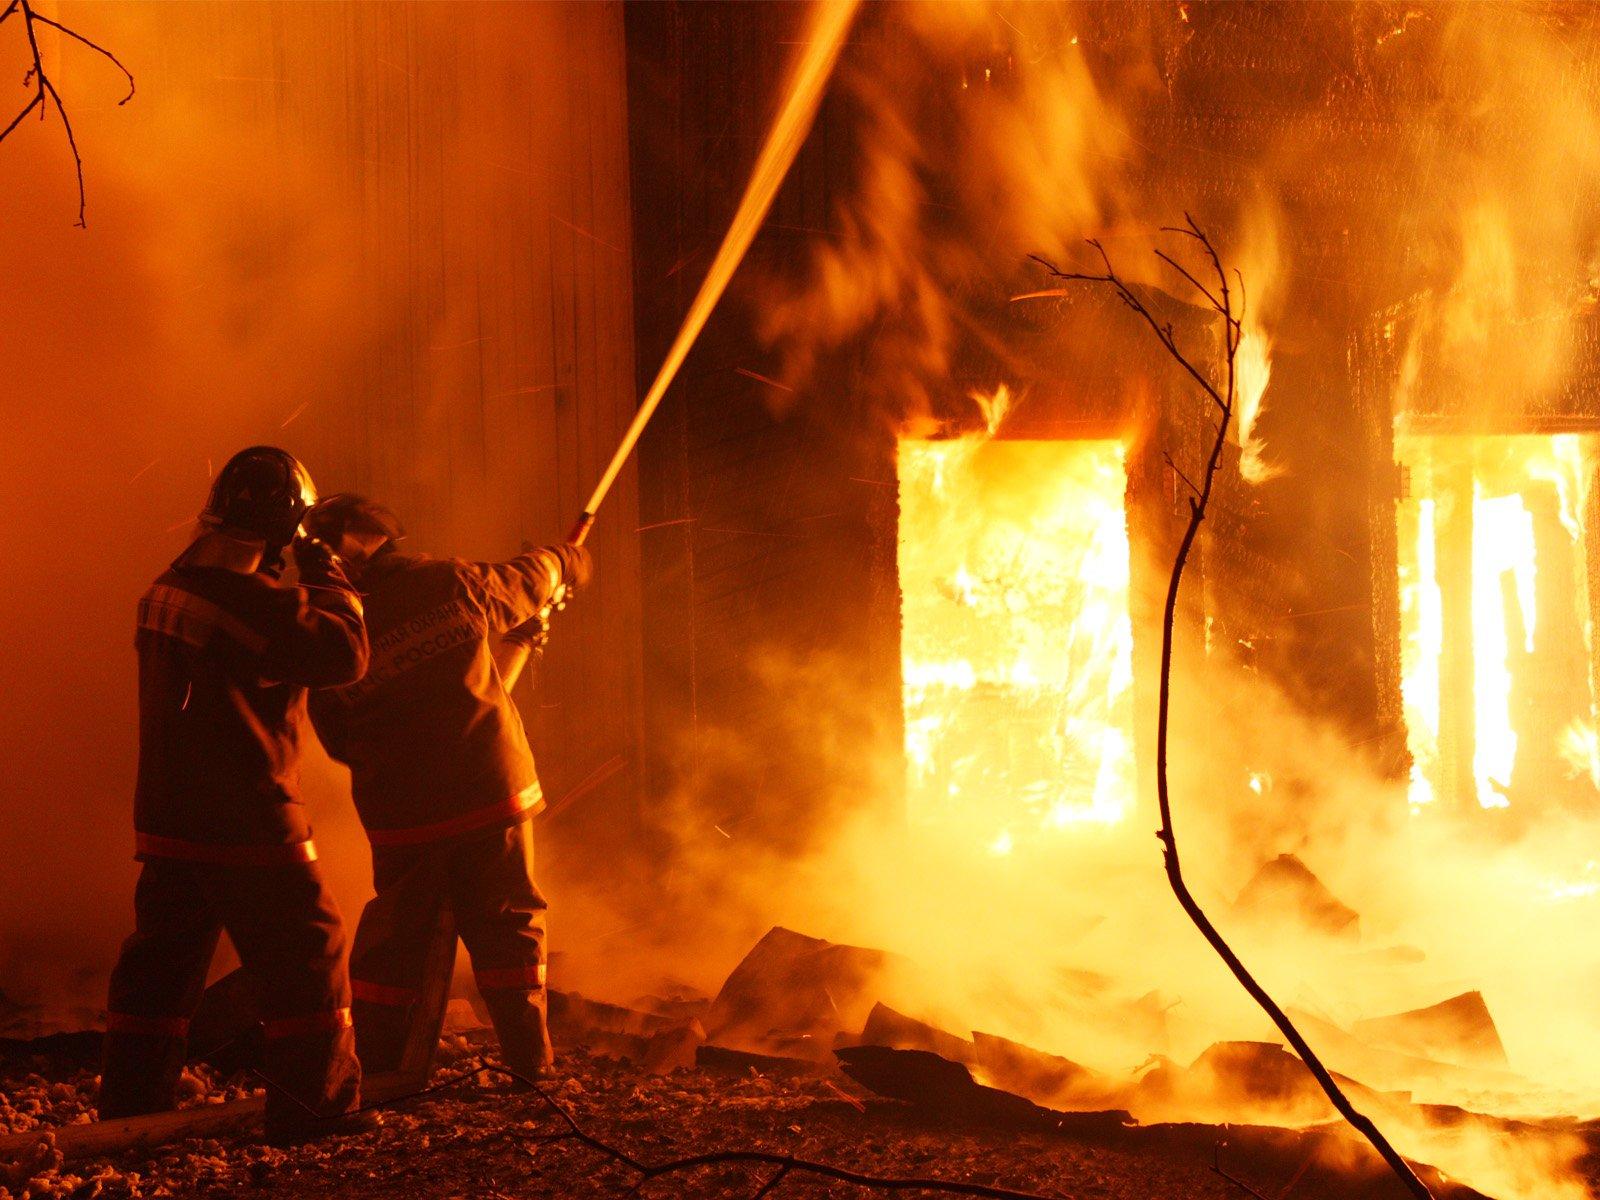 В Моздоке произошел пожар в подвале пятиэтажного дома Материал взят с портала МЧС Медиа